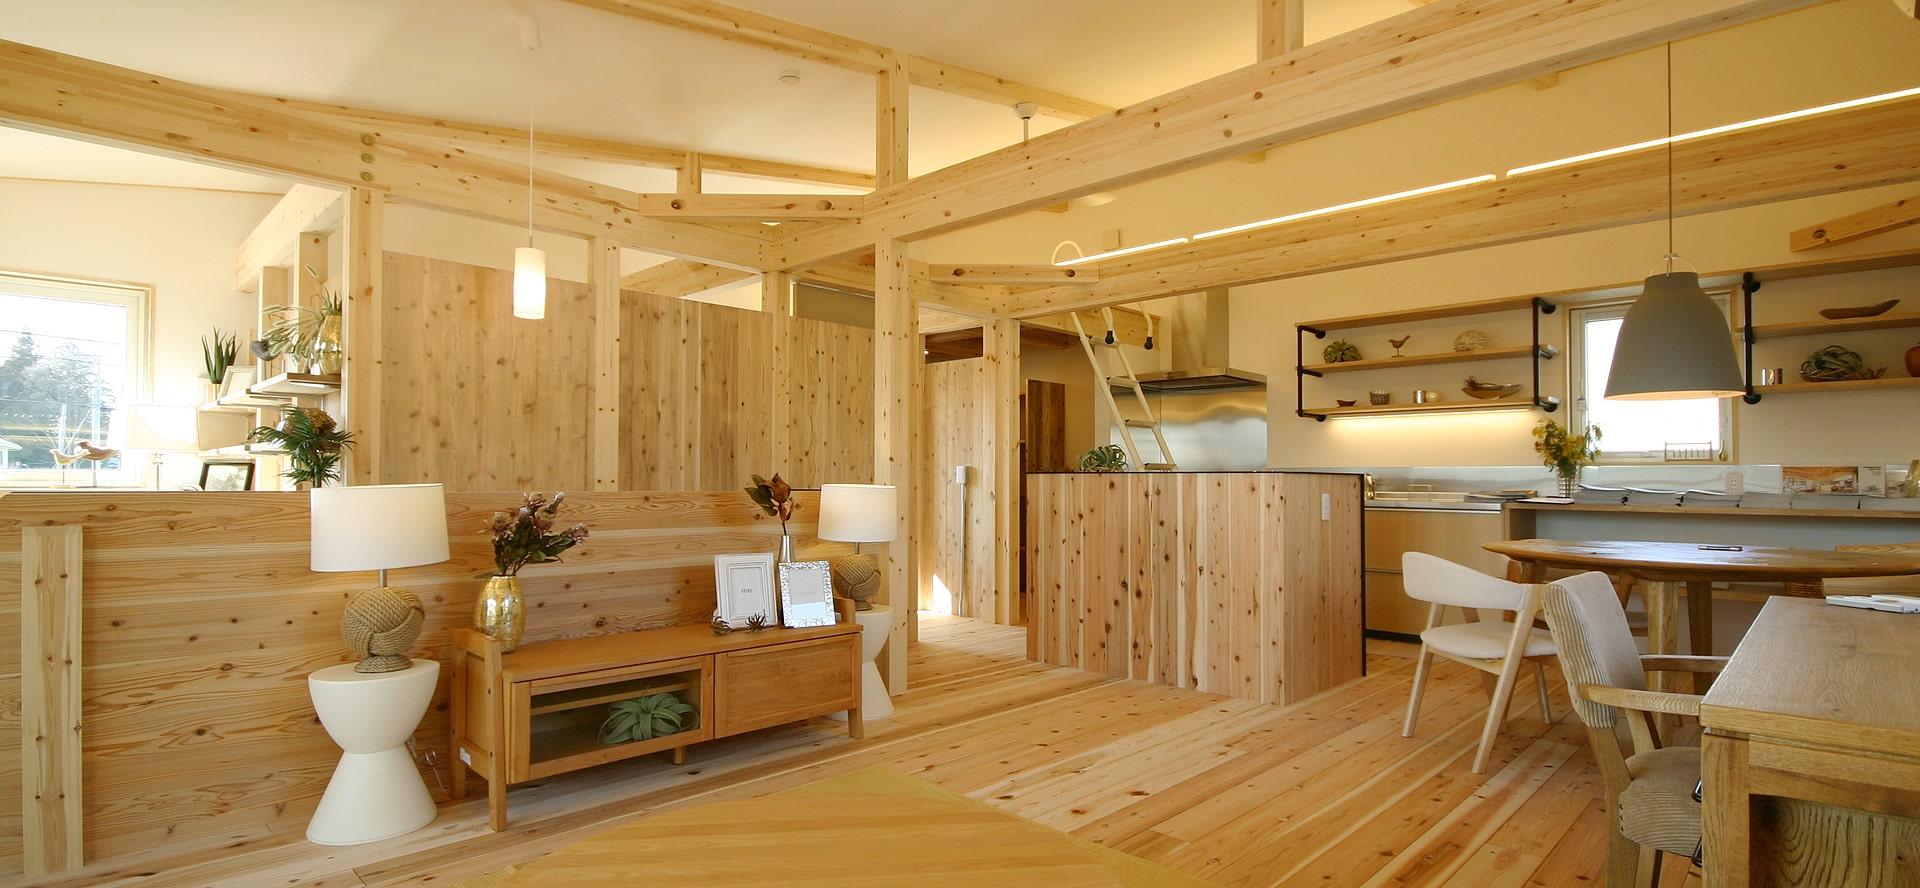 宇都宮市で注文住宅建てるならネクストハウスデザイン